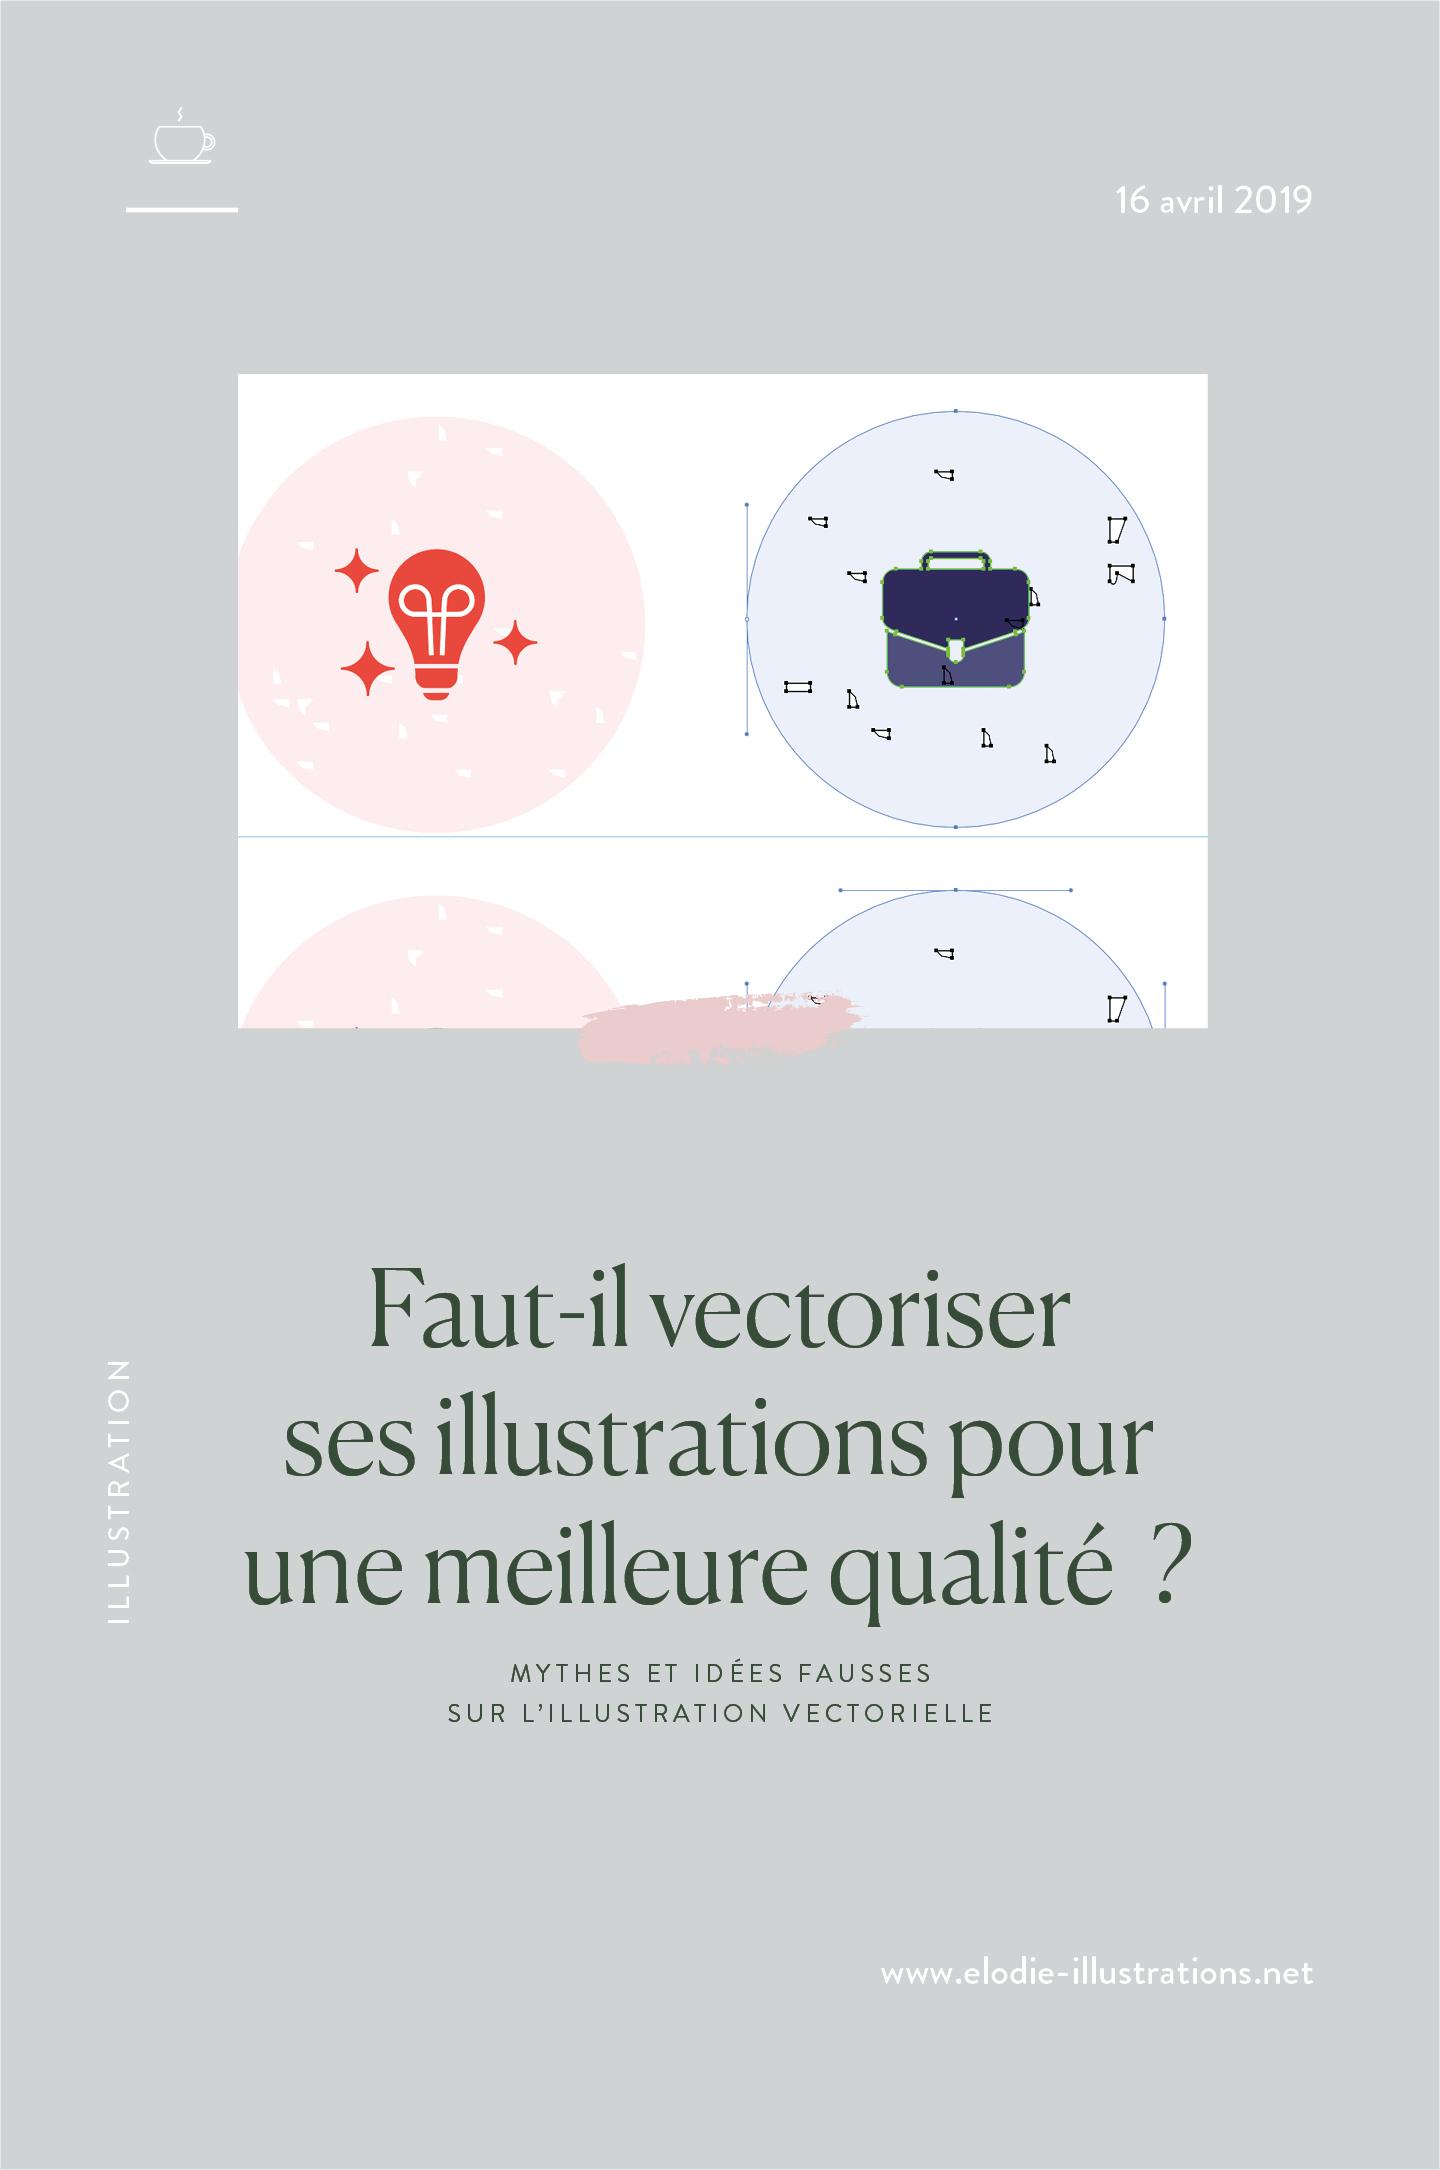 Image vectorielle : faut-il vectoriser ses illustrations pour une meilleure qualité ? | Cliquez pour découvrir l'article